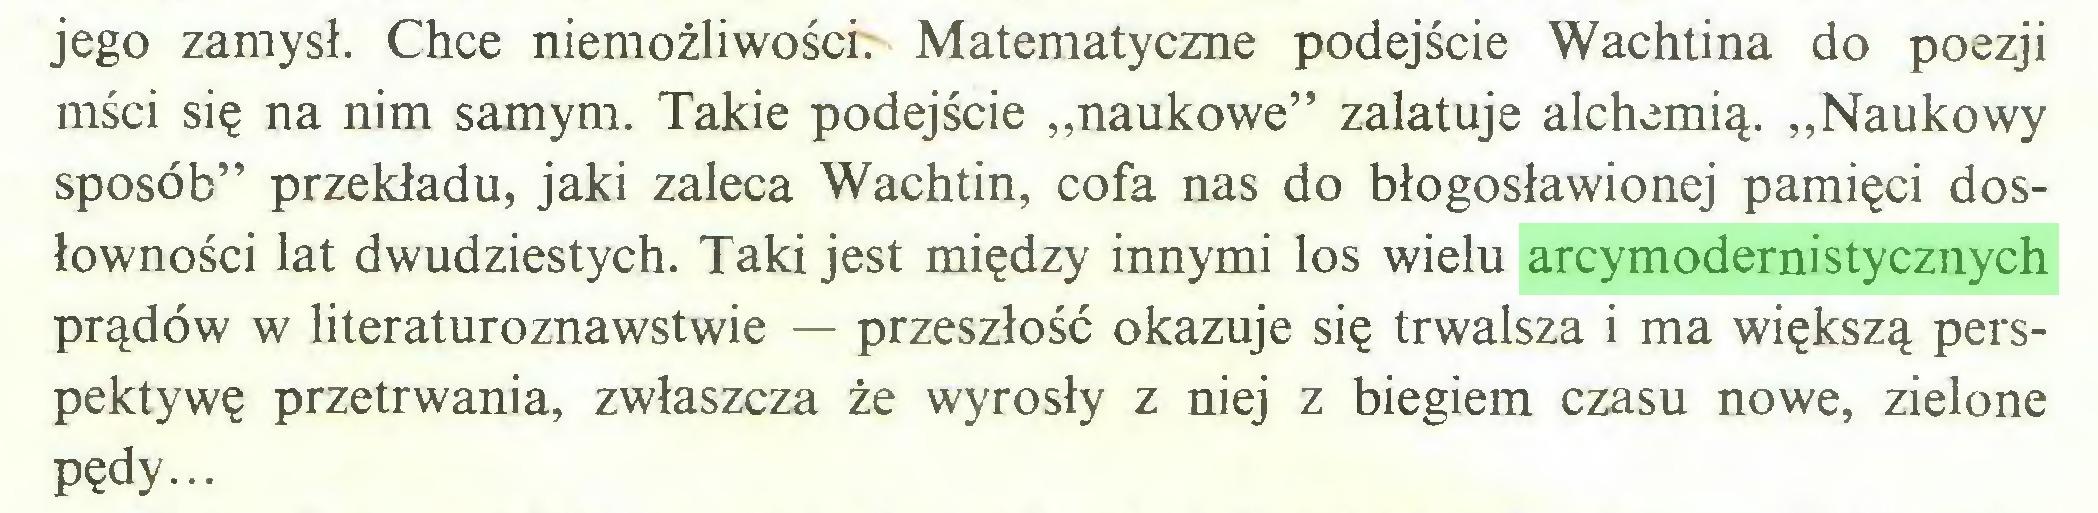 """(...) jego zamysł. Chce niemożliwości Matematyczne podejście Wachtina do poezji mści się na nim samym. Takie podejście """"naukowe"""" zalatuje alchemią. """"Naukowy sposób"""" przekładu, jaki zaleca Wachtin, cofa nas do błogosławionej pamięci dosłowności lat dwudziestych. Taki jest między innymi los wielu arcymodernistycznych prądów w literaturoznawstwie — przeszłość okazuje się trwalsza i ma większą perspektywę przetrwania, zwłaszcza że wyrosły z niej z biegiem czasu nowe, zielone pędy..."""